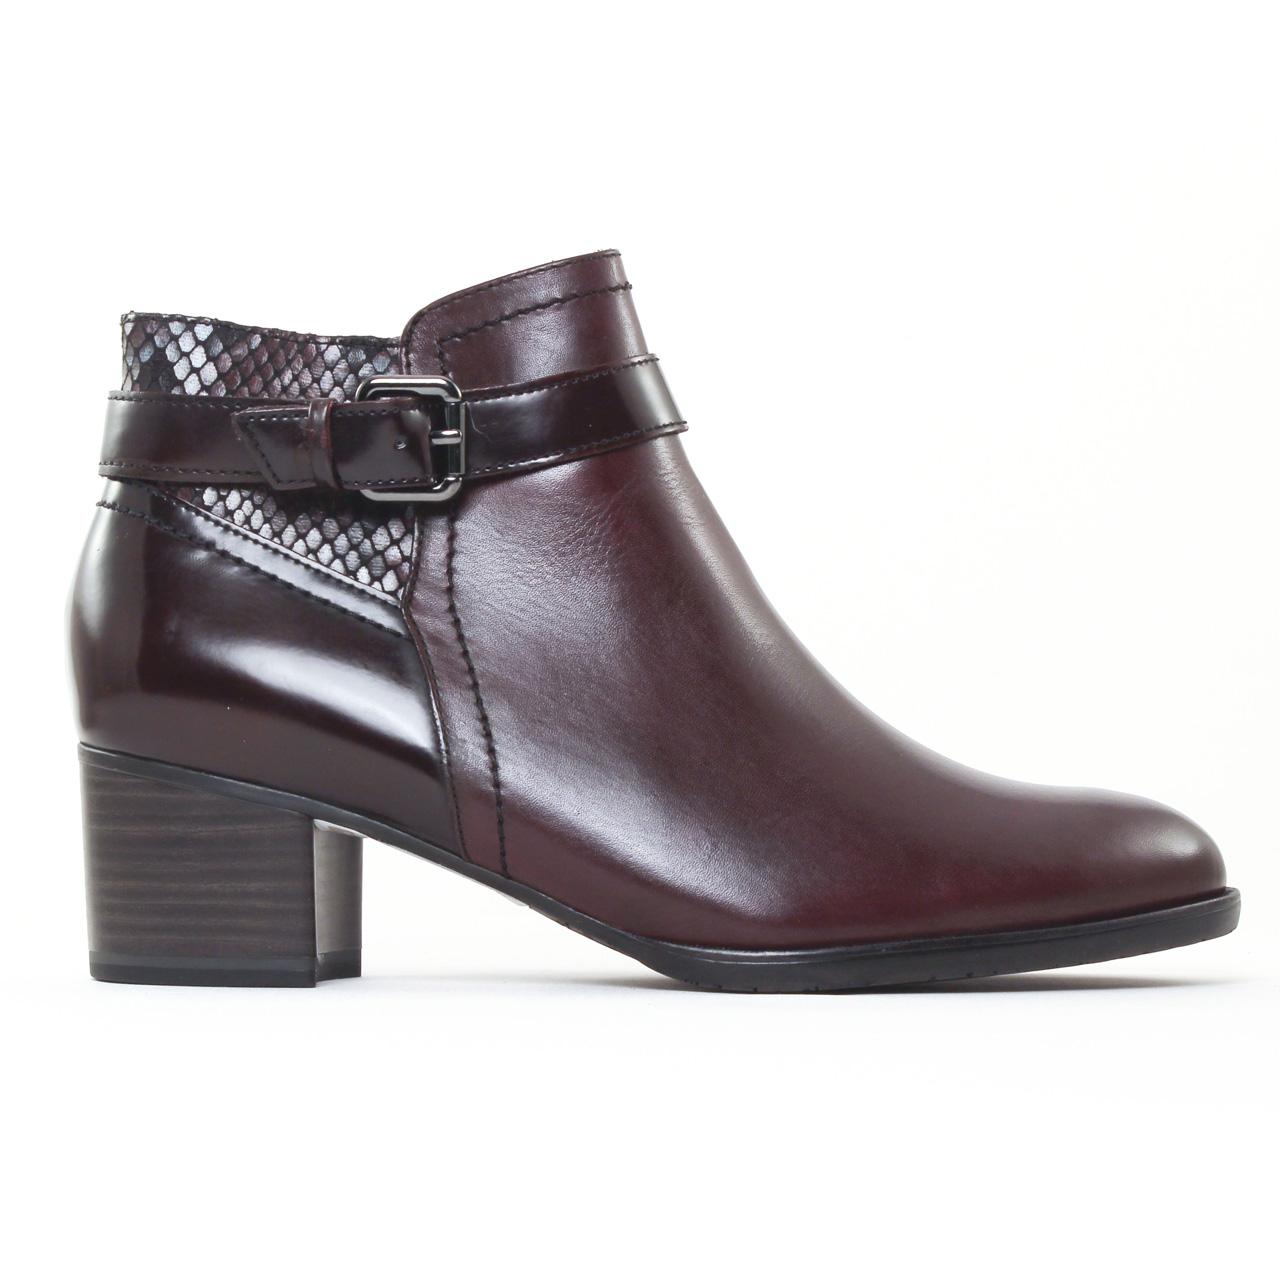 bf127a0cd54 boots Jodhpur bordeaux mode femme automne hiver vue 2